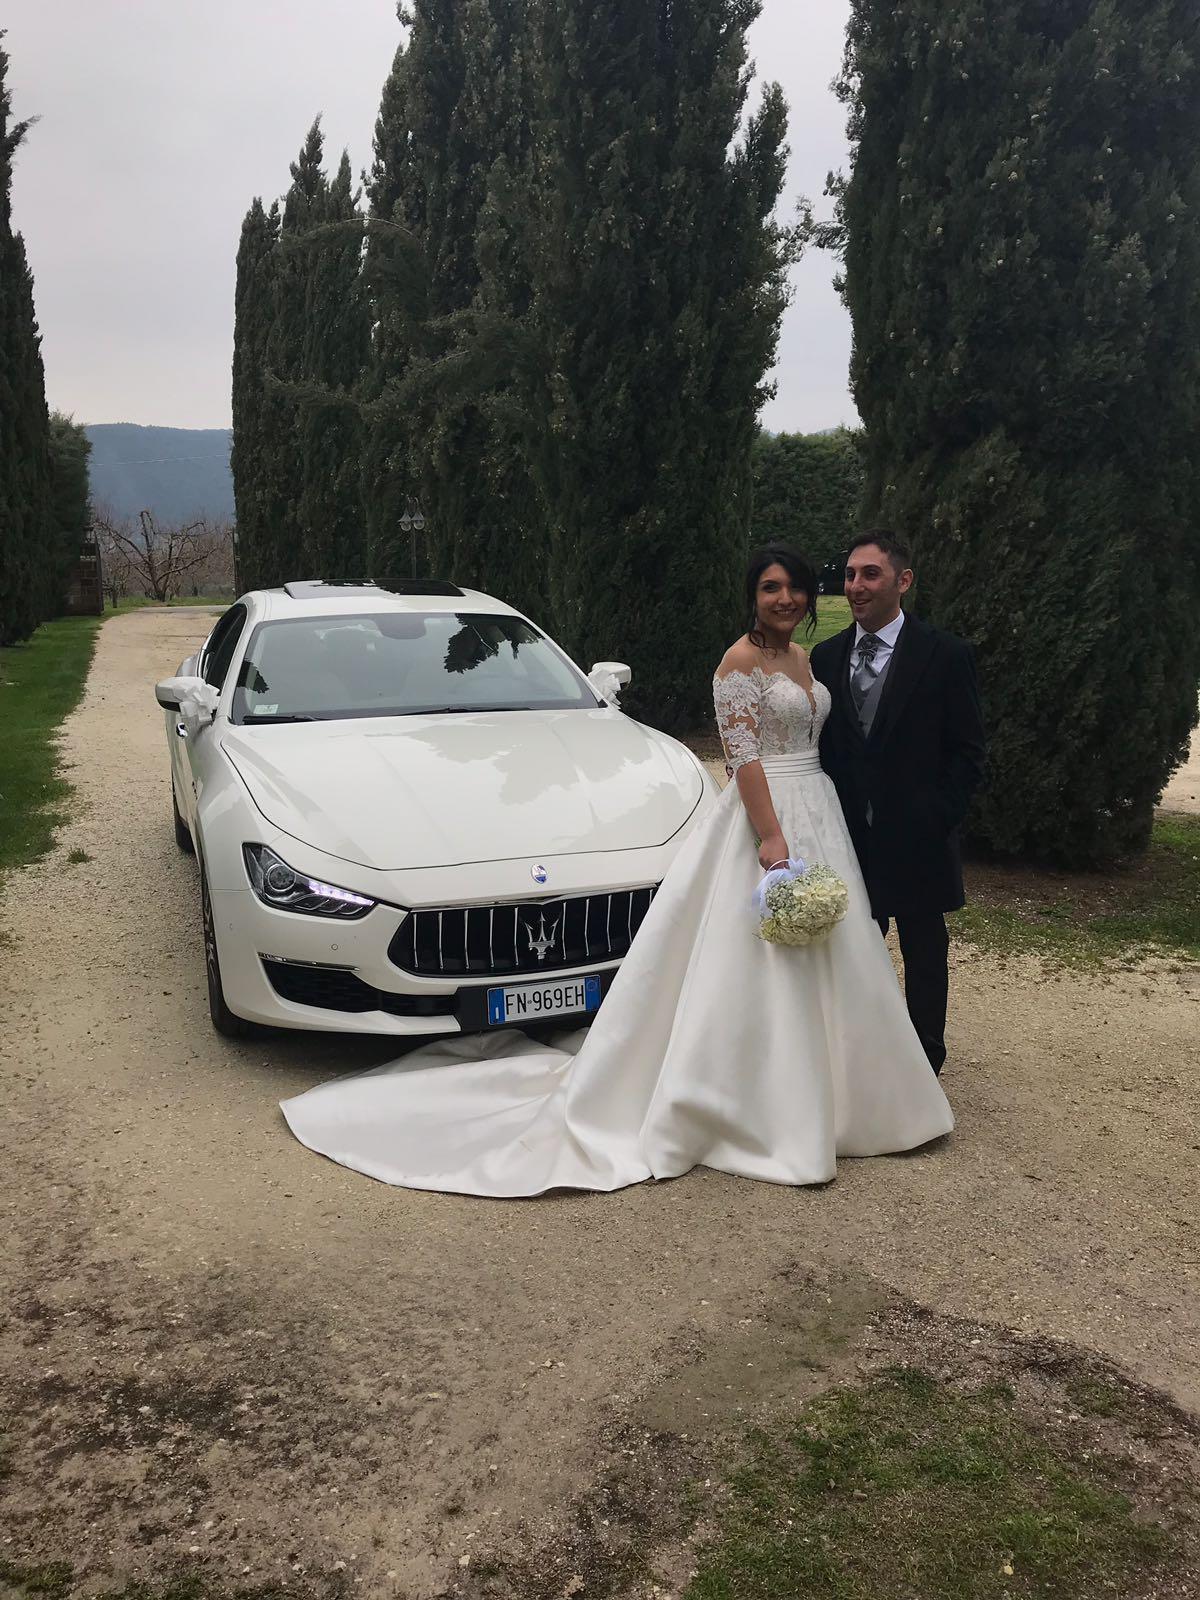 auto sposi Napoli | sposi con Maserati Ghibli | auto matrimonio Napoli